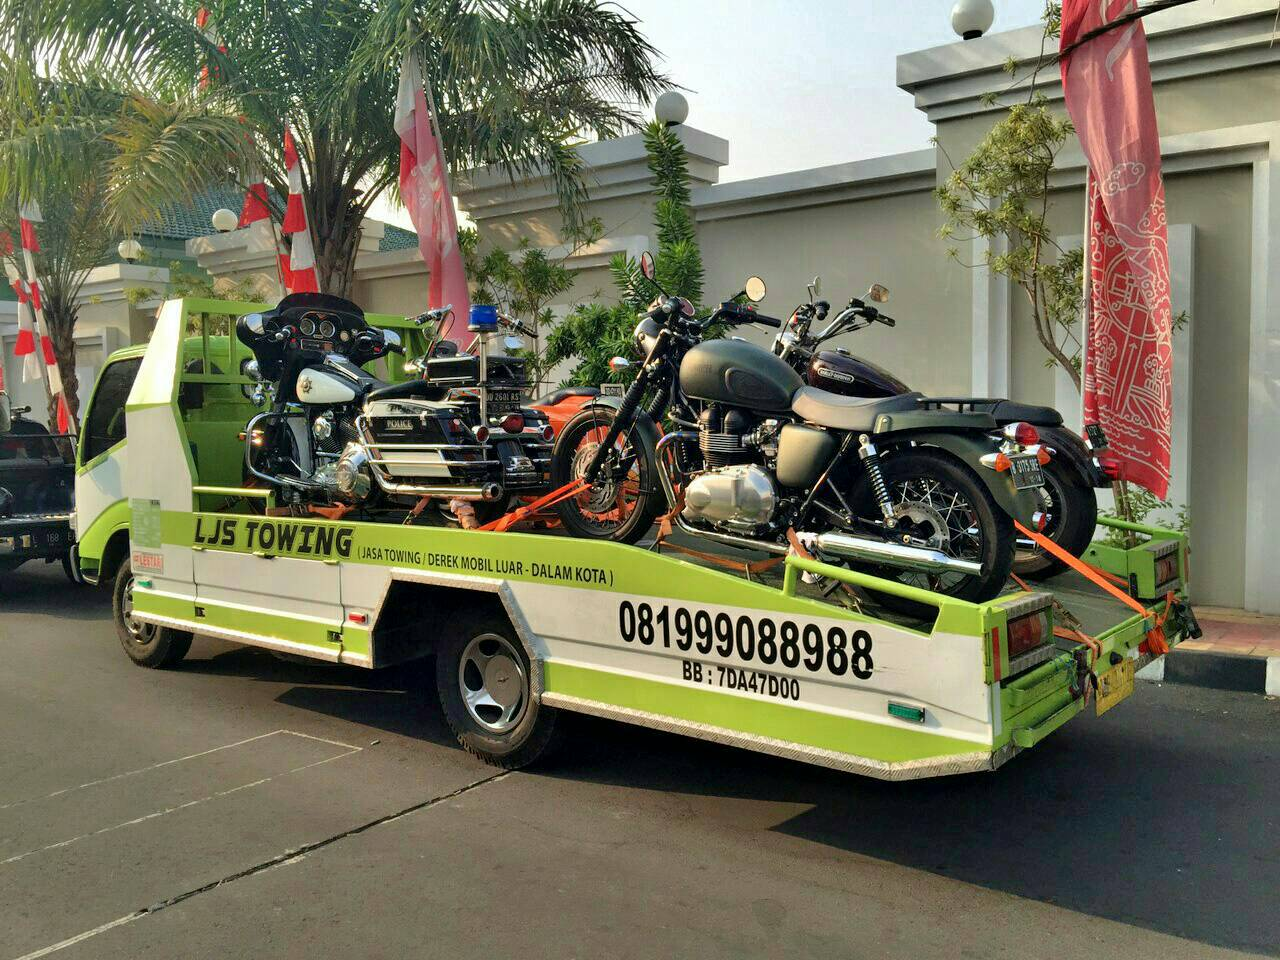 Raja Derek Towing Service Bikin Penasaran Berapa Kali Motor